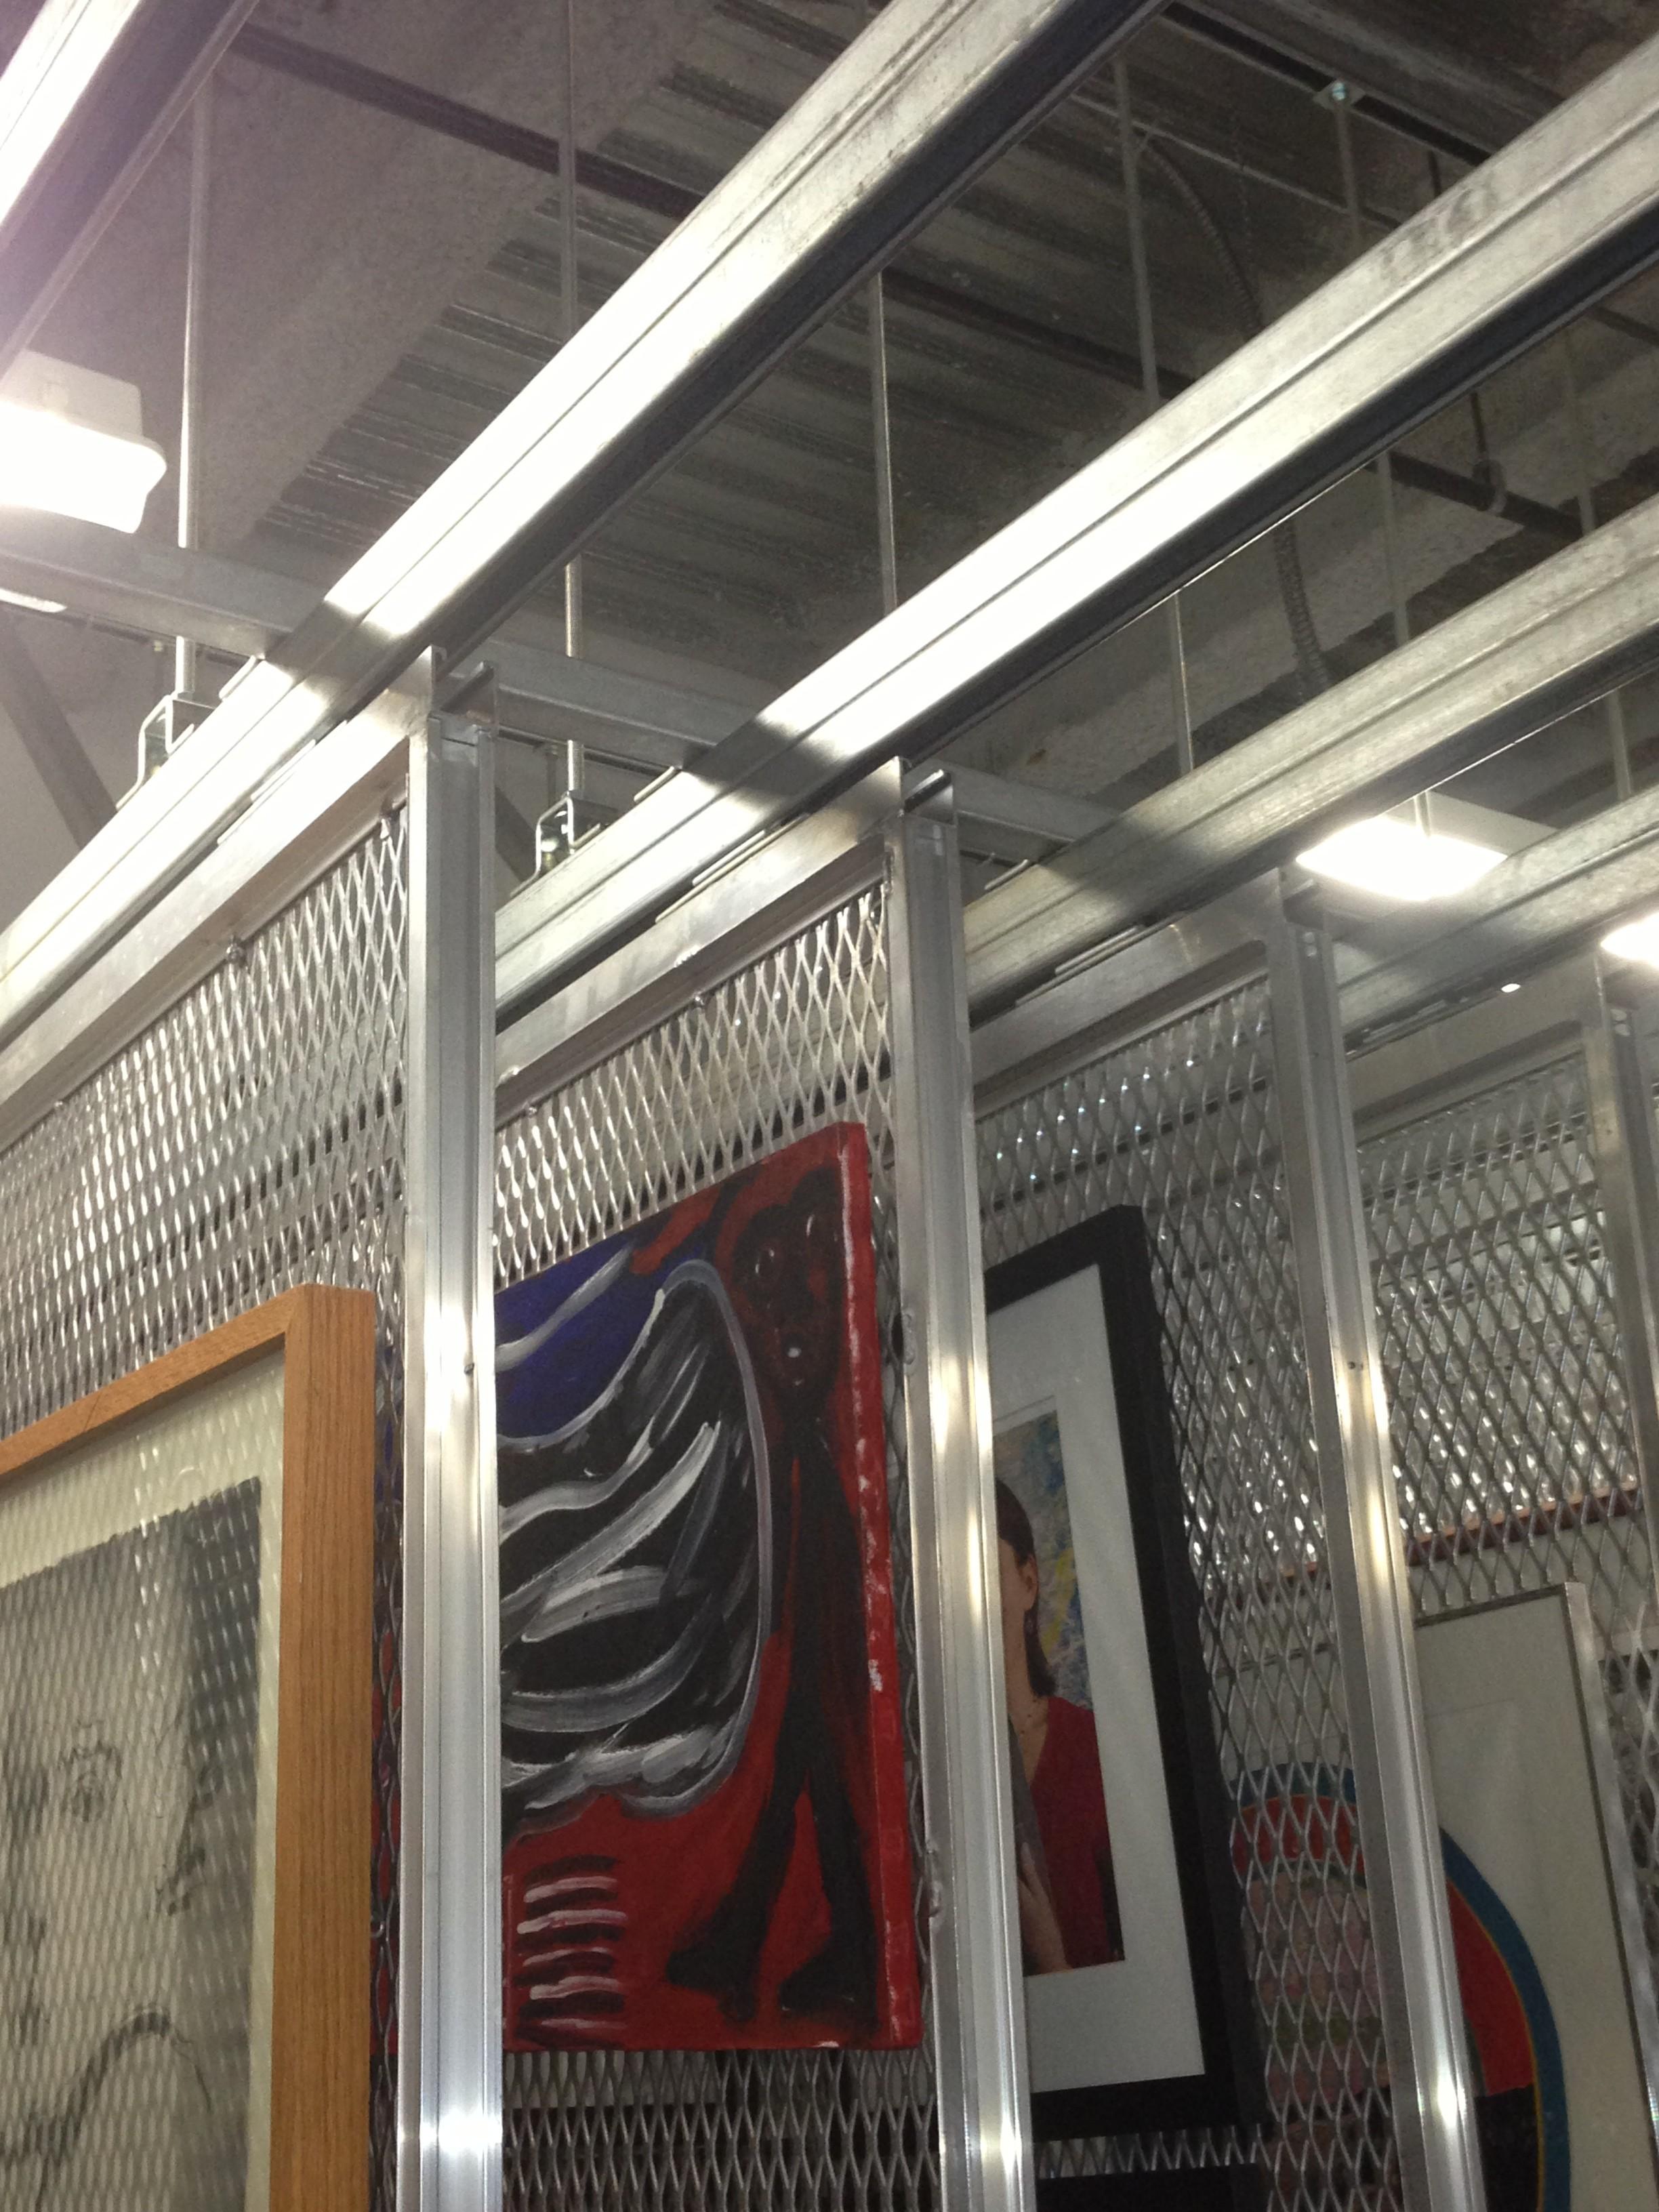 Unistrut Metal Framing Unique Applications Unistrut Midwest